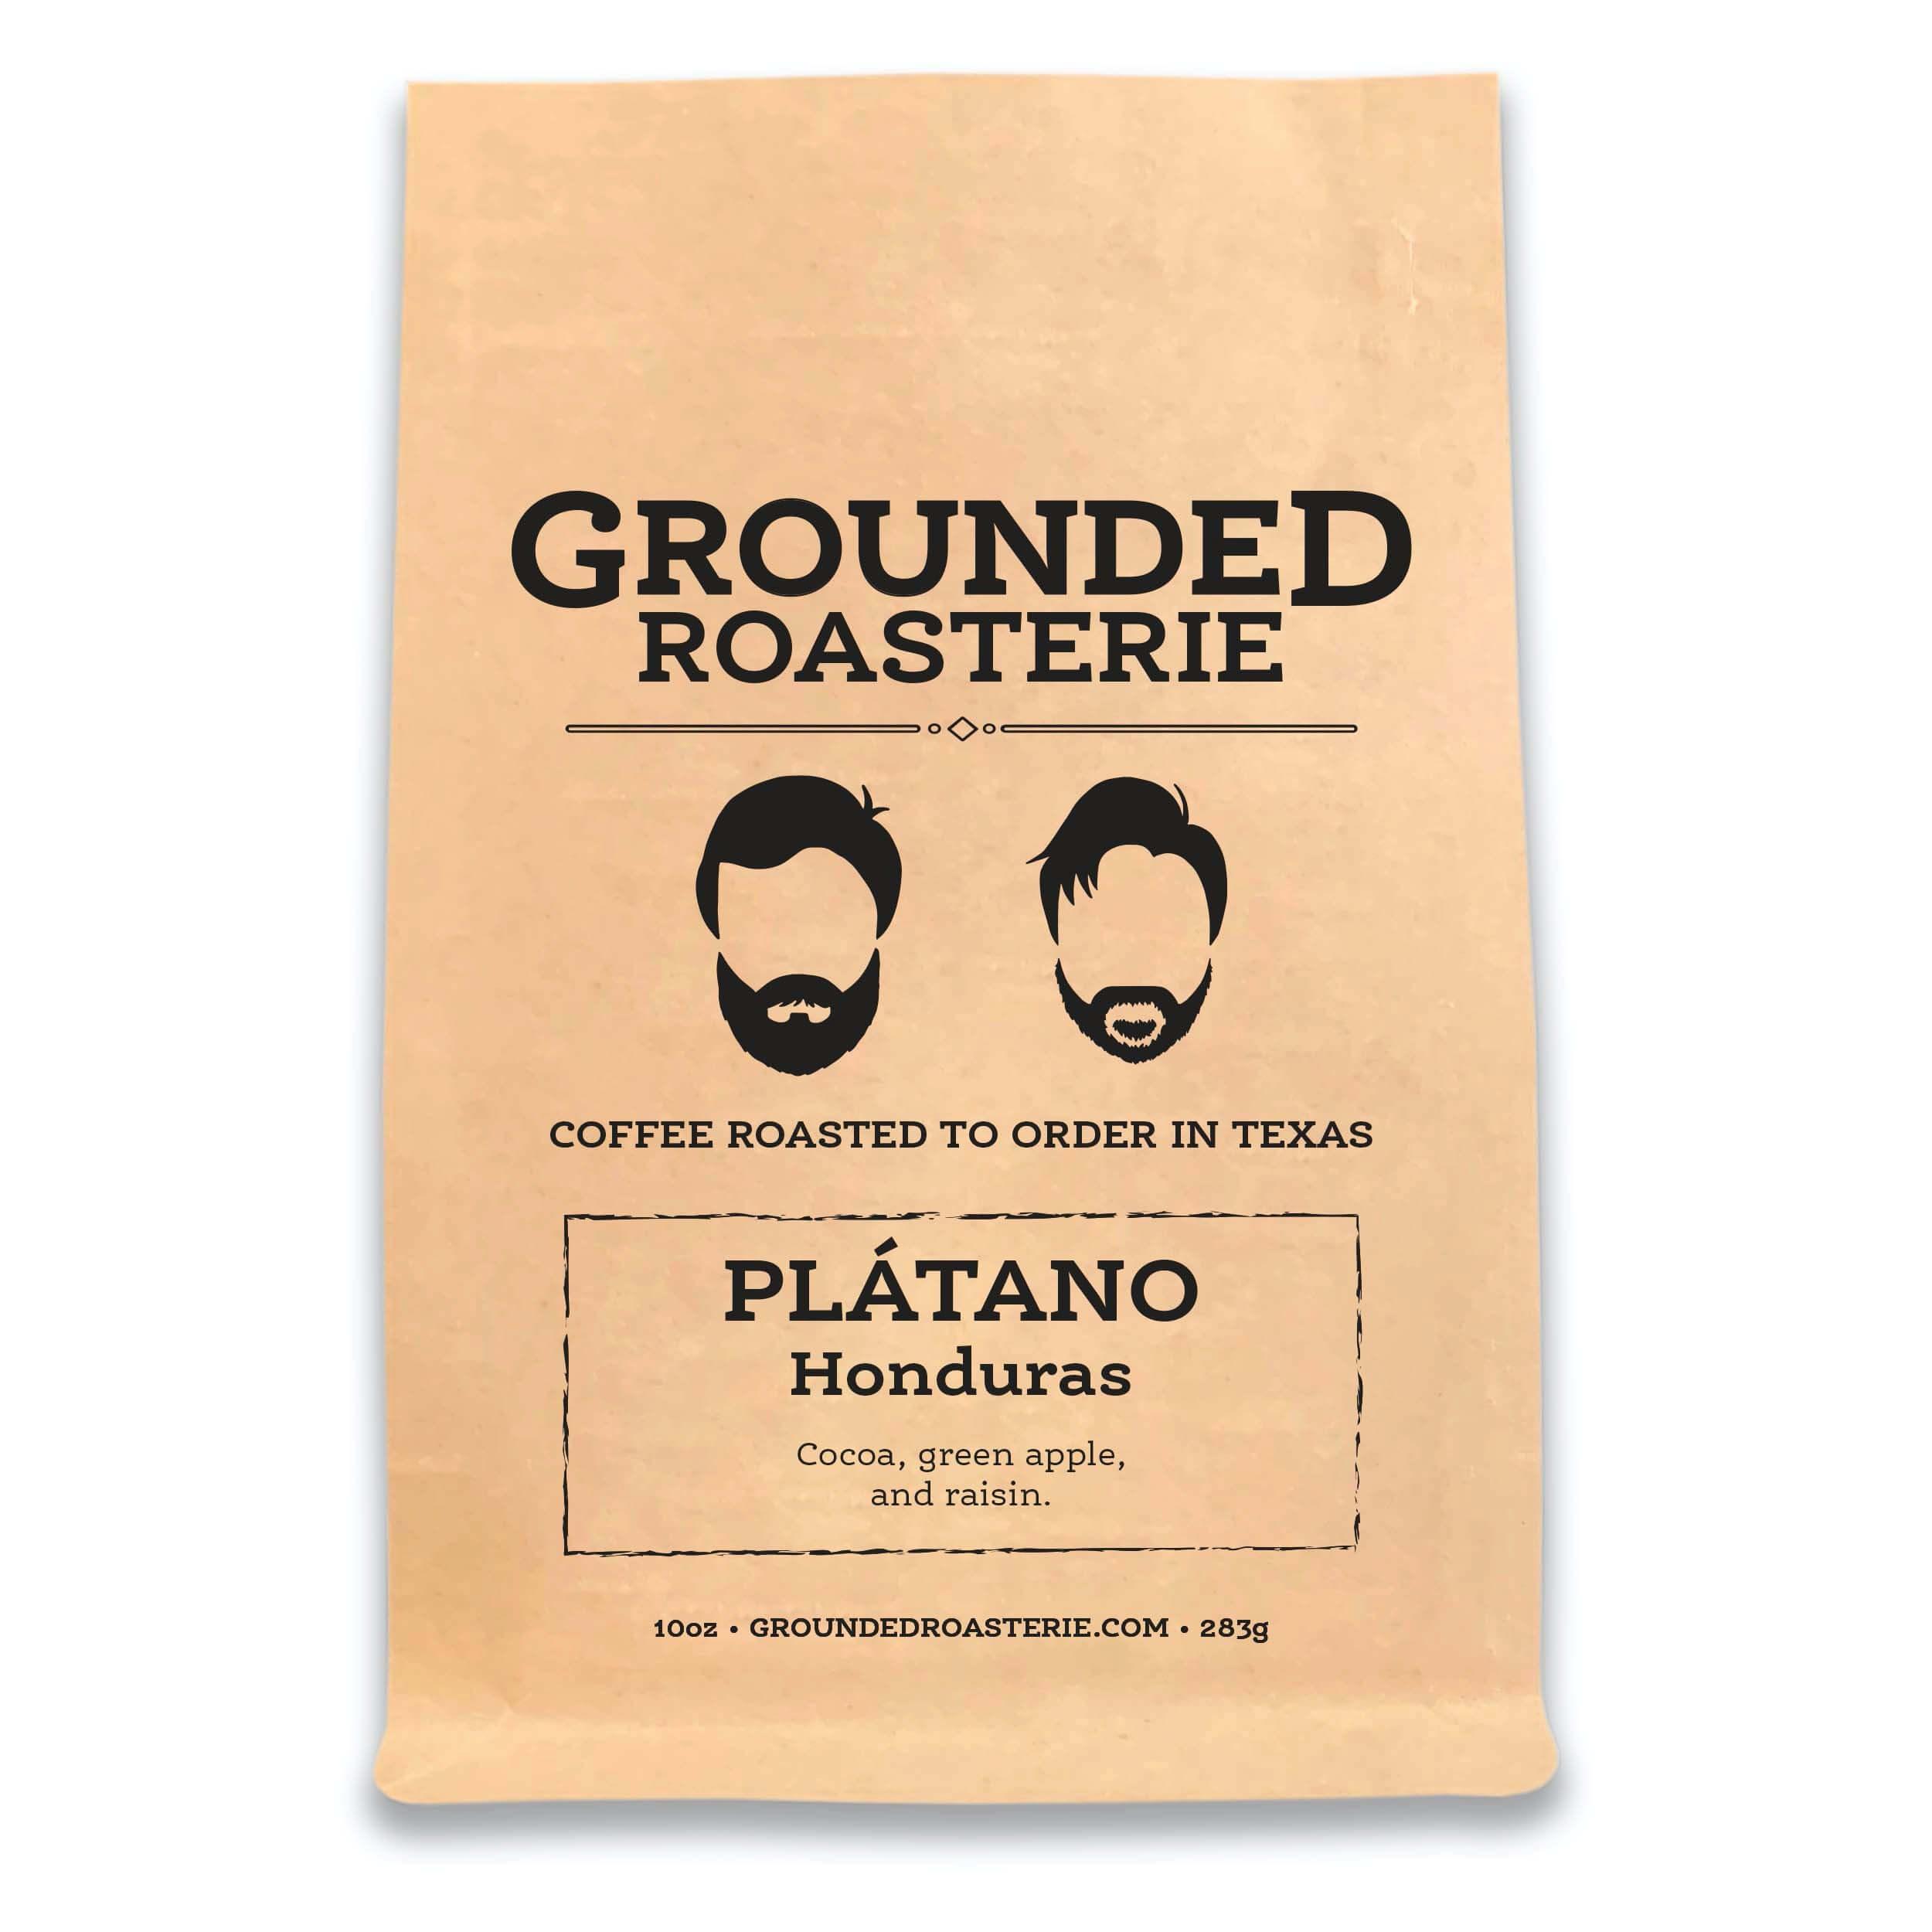 Honduras Plátano from Grounded Roasterie